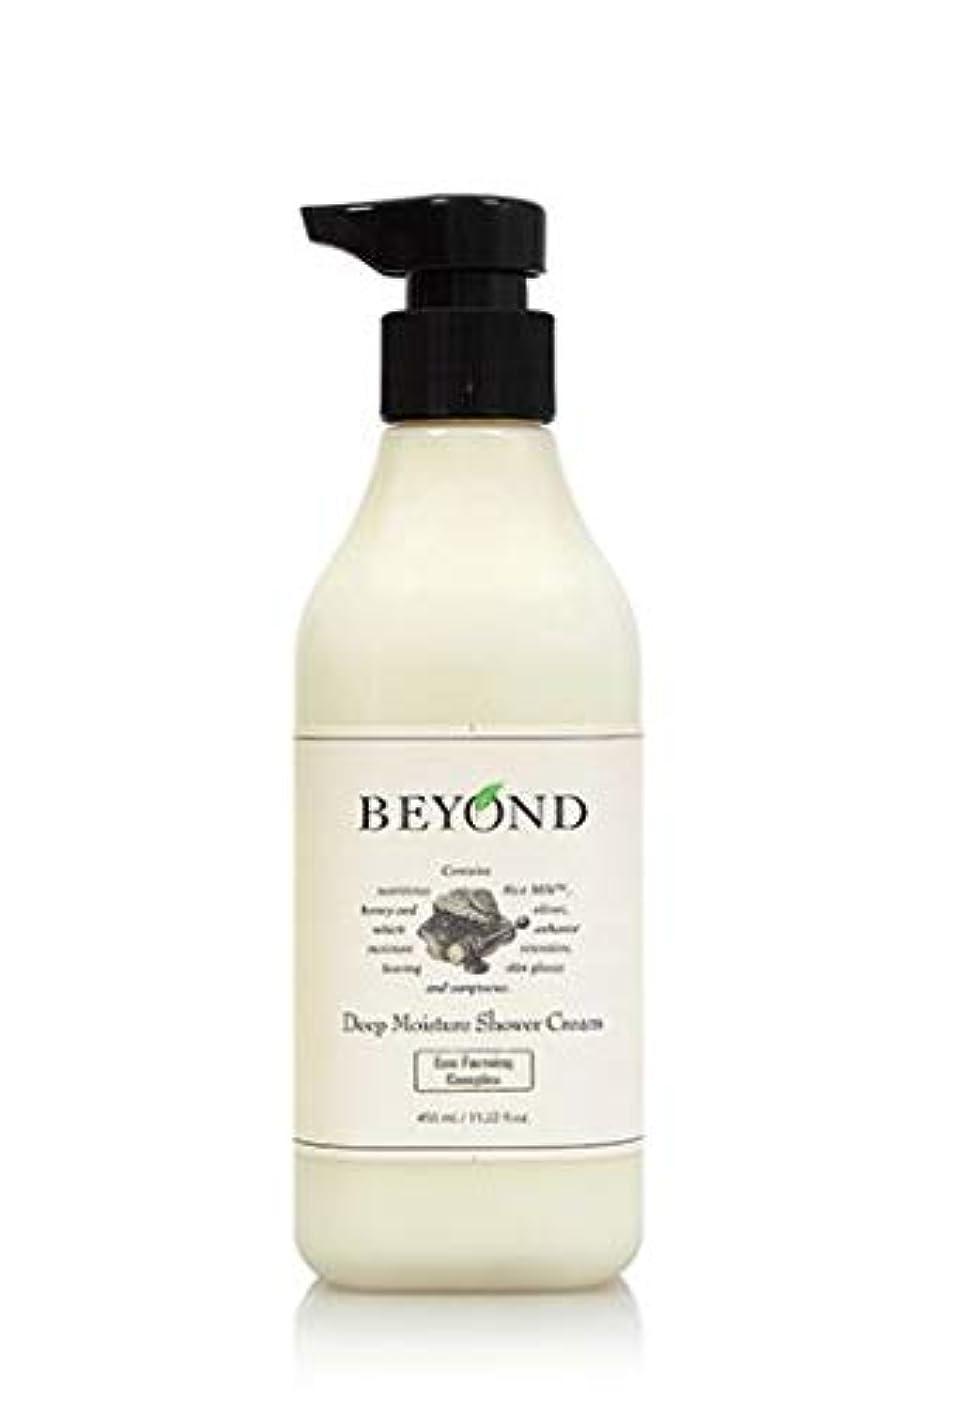 ミルク排他的ウェーハ[ビヨンド] BEYOND [ディープモイスチャー シャワークリーム 450ml] Deep Moisture Shower Cream 450ml [海外直送品]